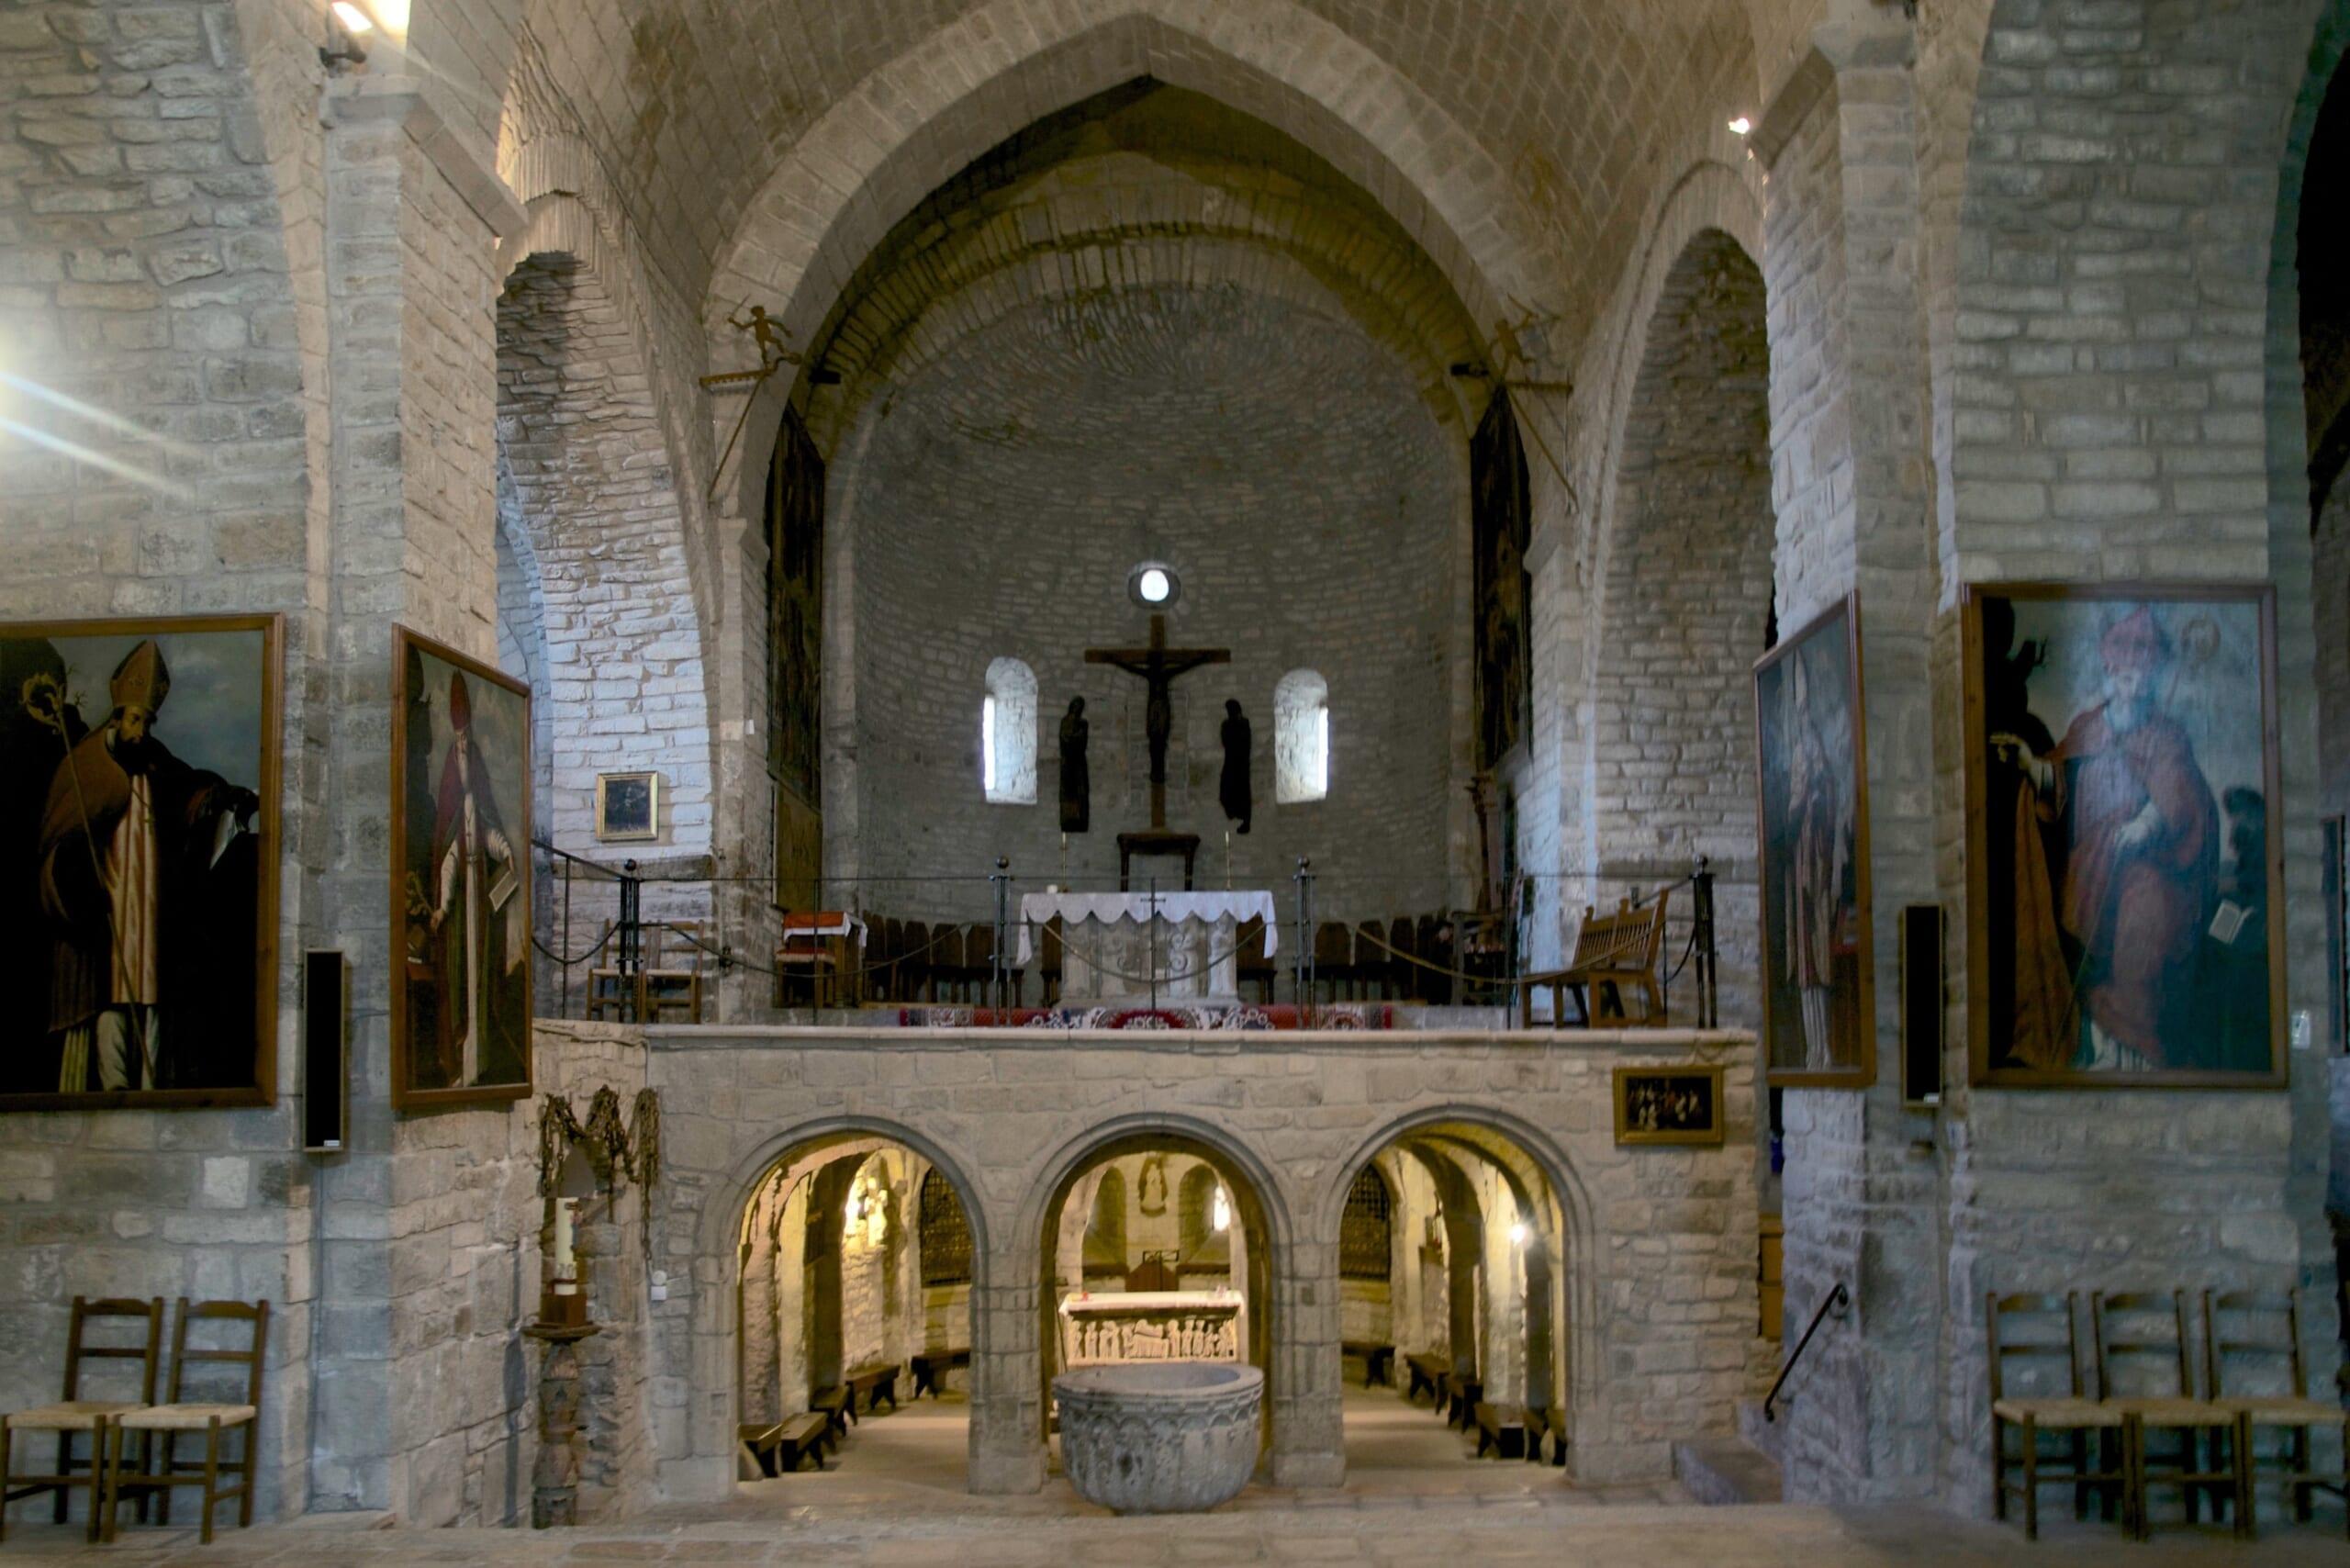 北スペインの観光スポットであるピレネーのロダ・デ・イサベナ大聖堂